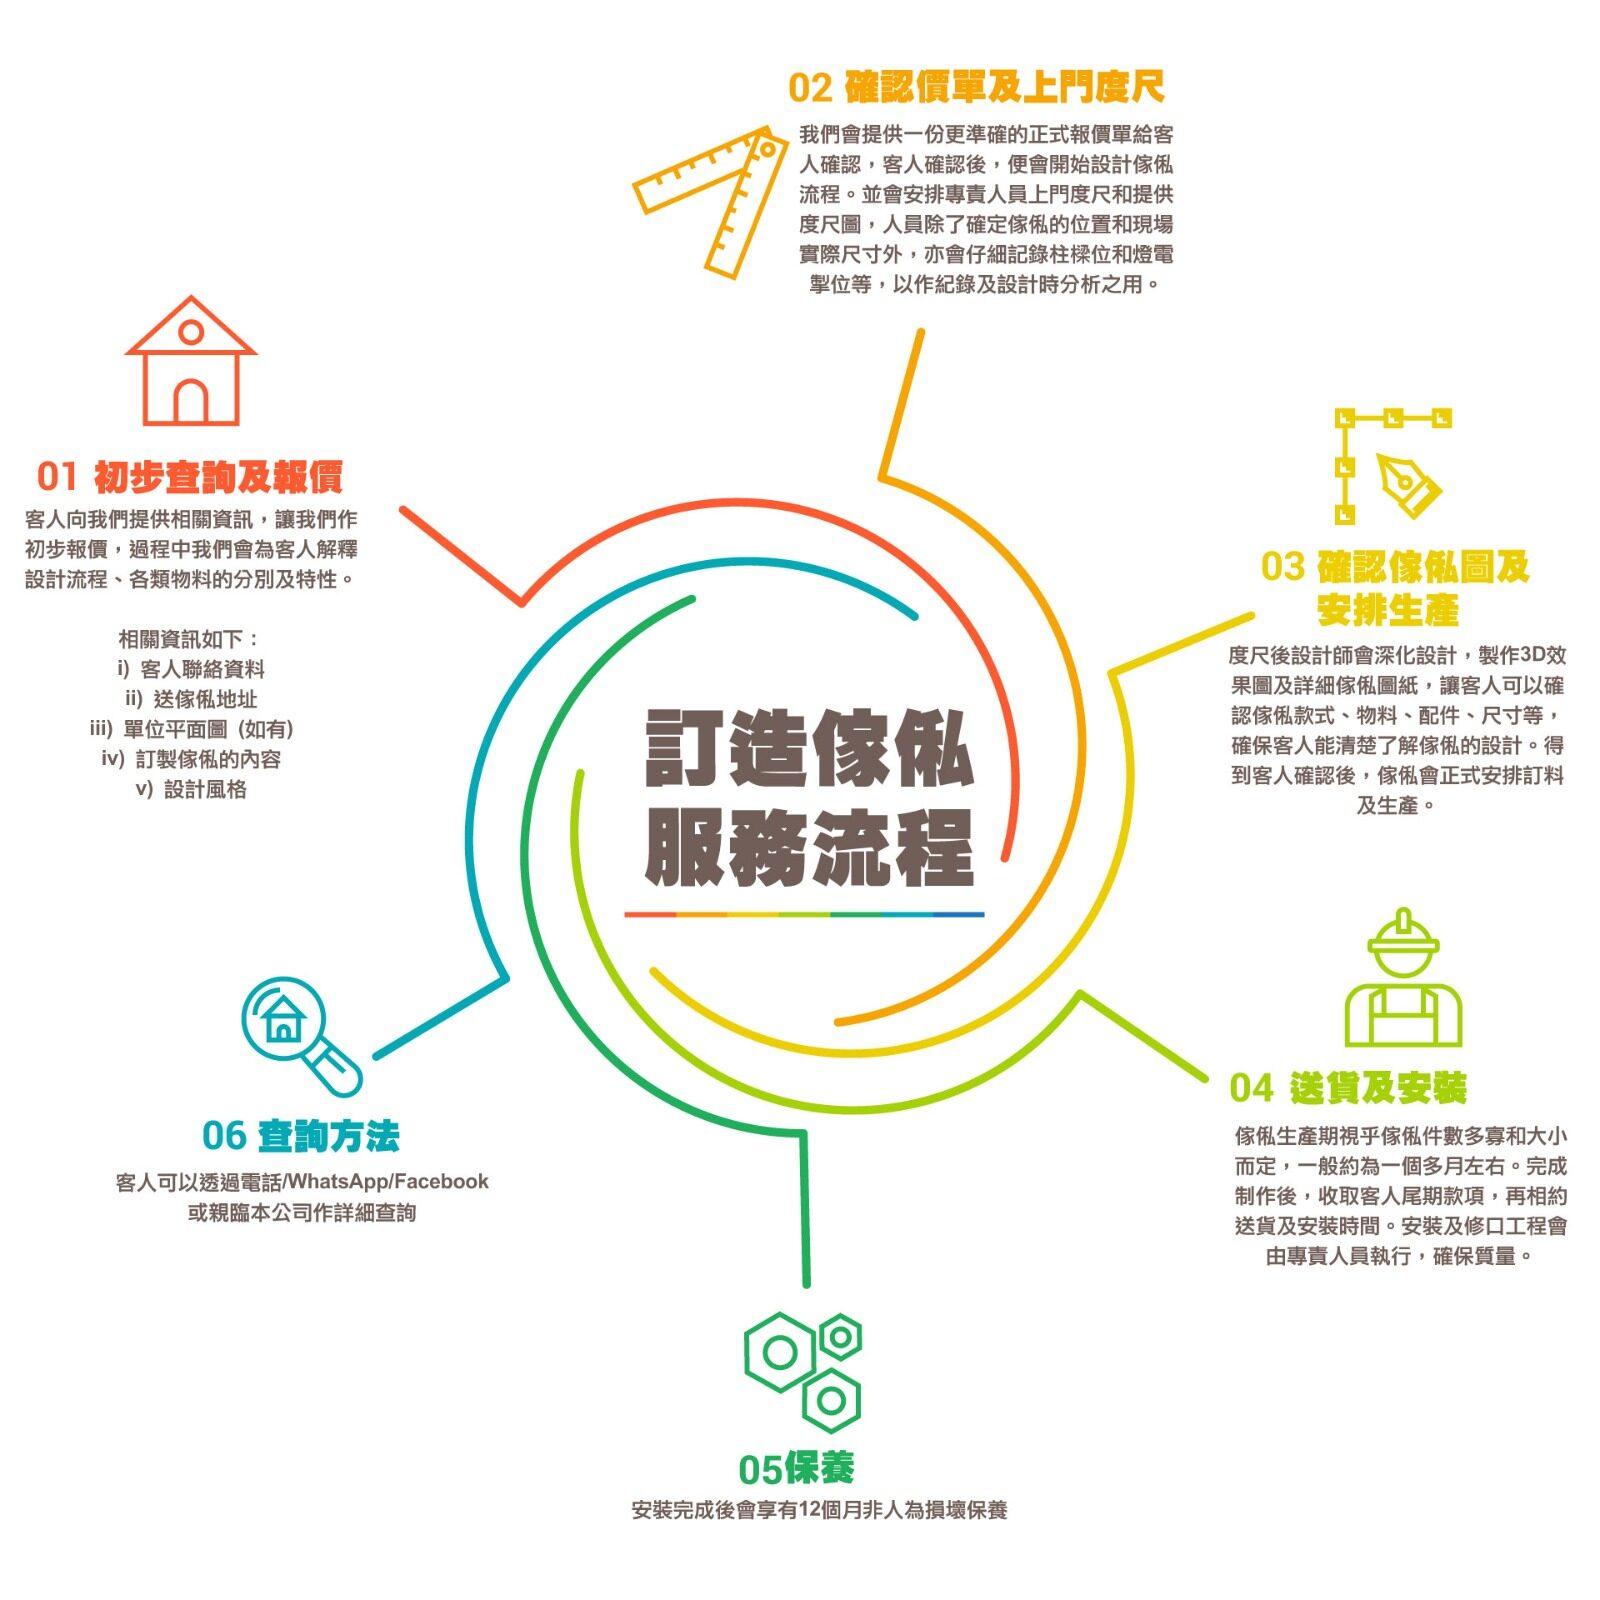 講解訂造傢俬報價及保養流程